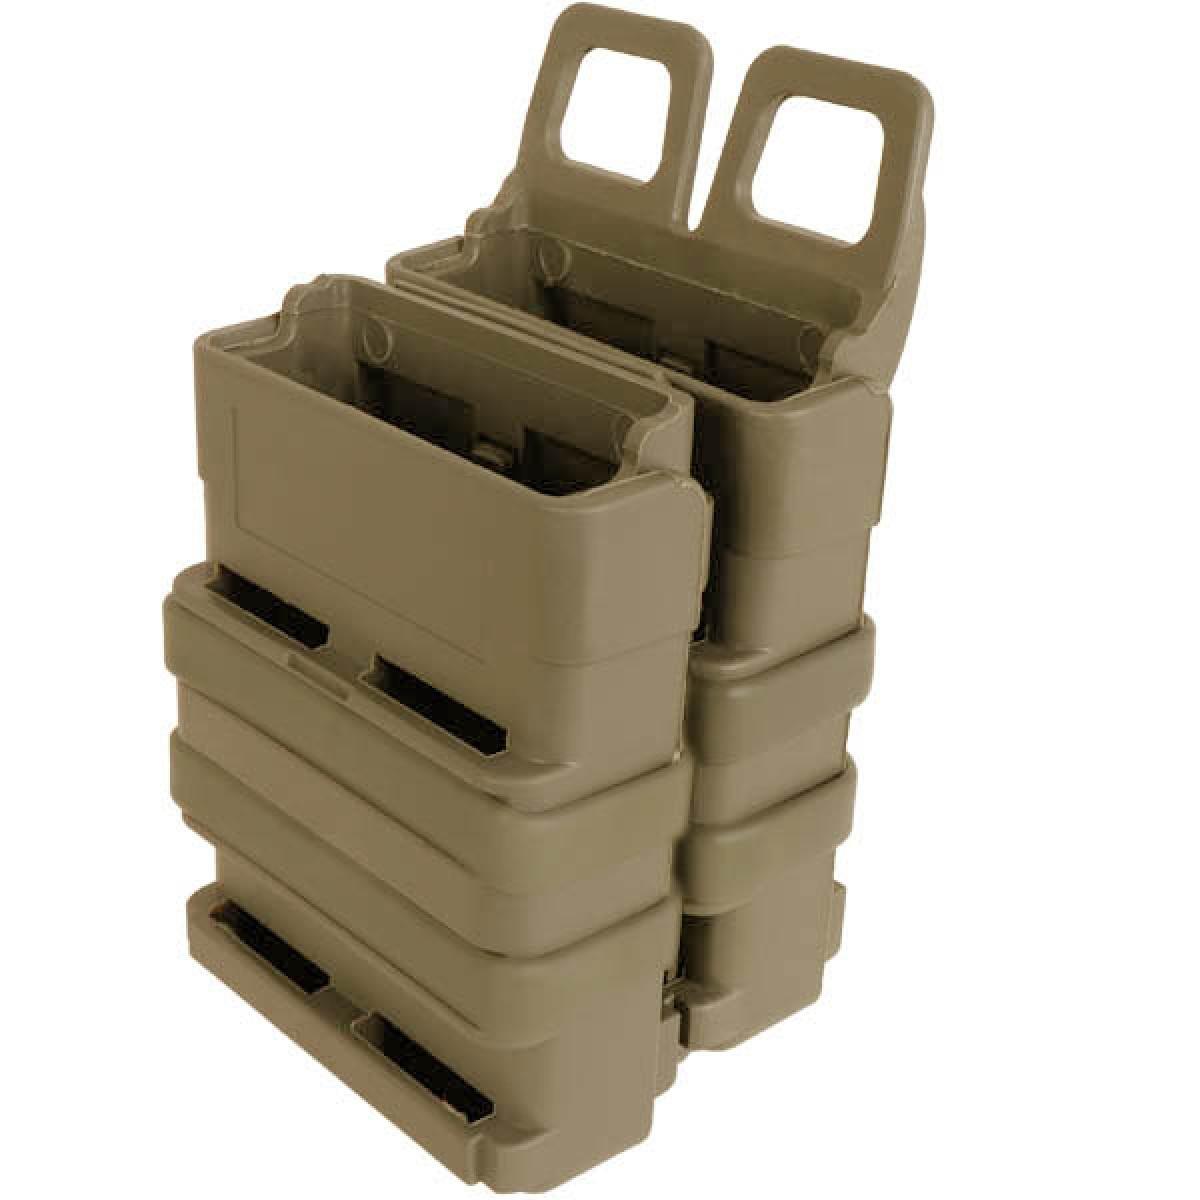 SHENKEL ファストマグポーチ レプリカ 5.56mm マガジン 対応 2個セット